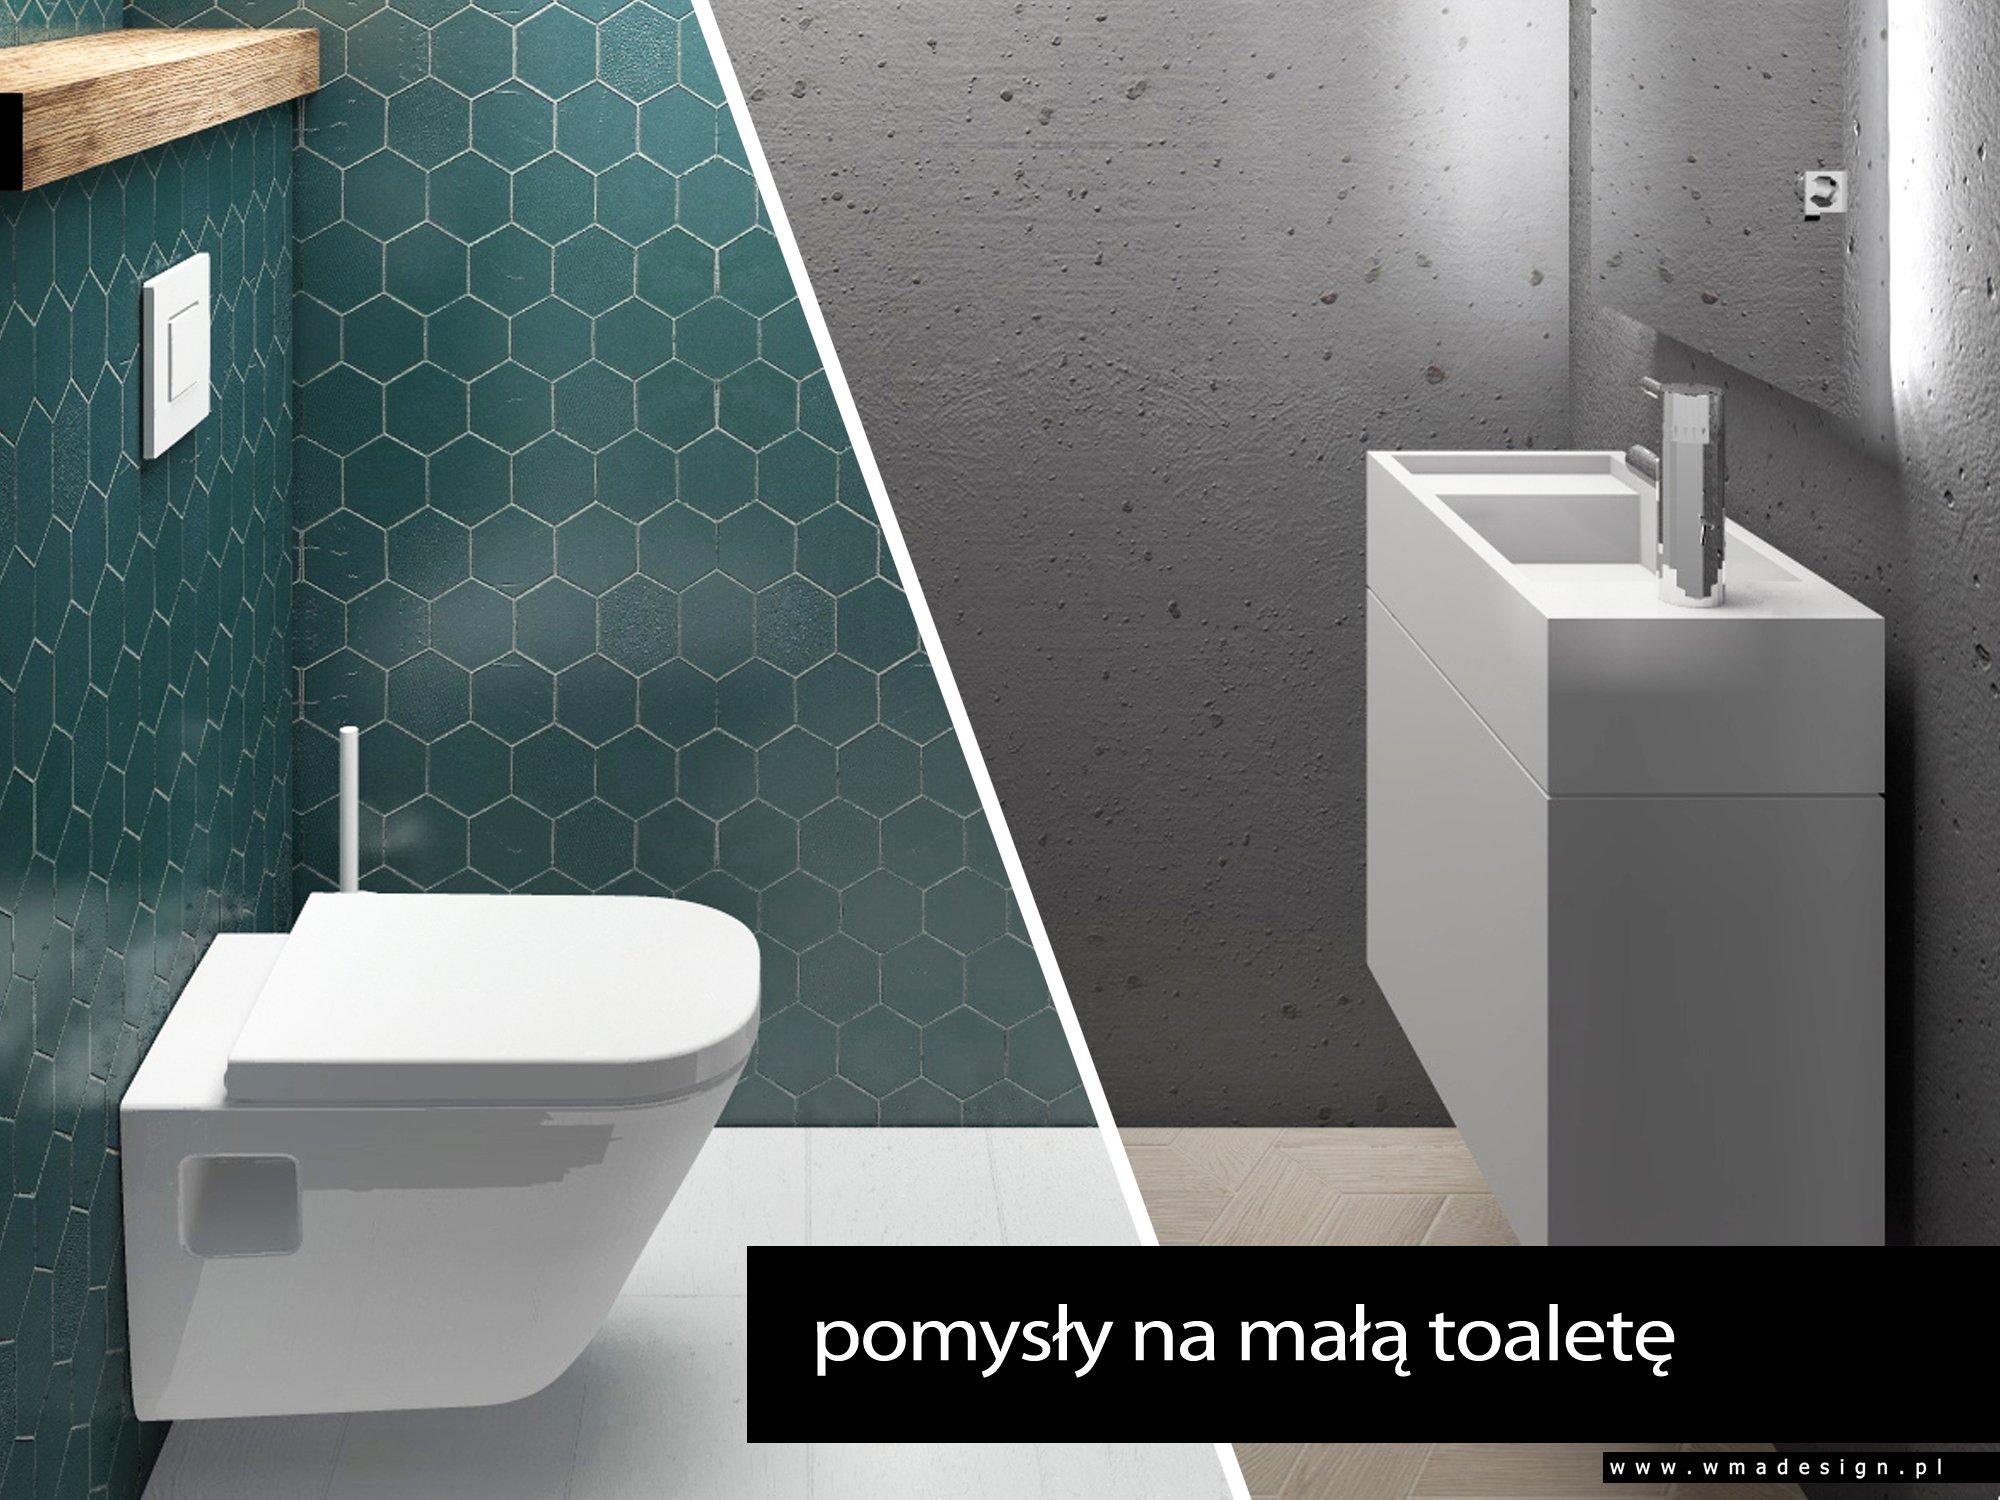 pomysły na małą toaletę Warszawa WMA Design